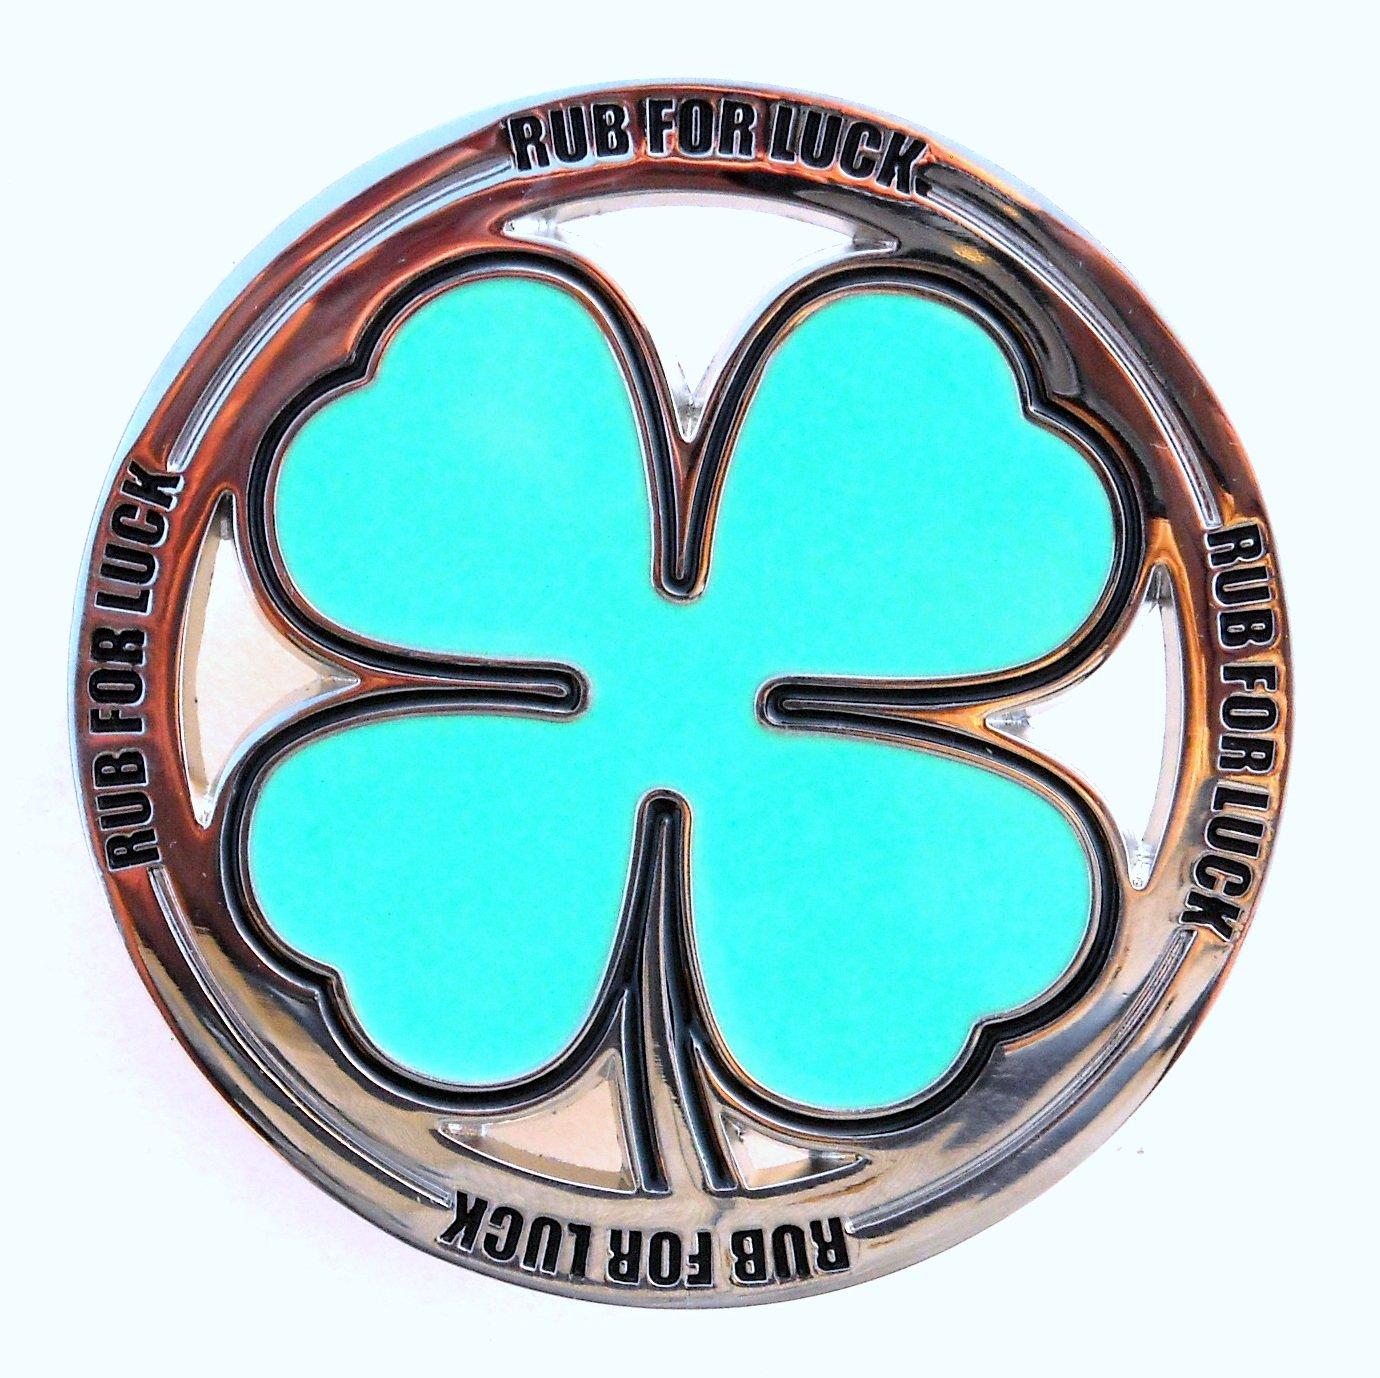 Shamrock Rub For Luck Four Leaf Clover Belt Buckle